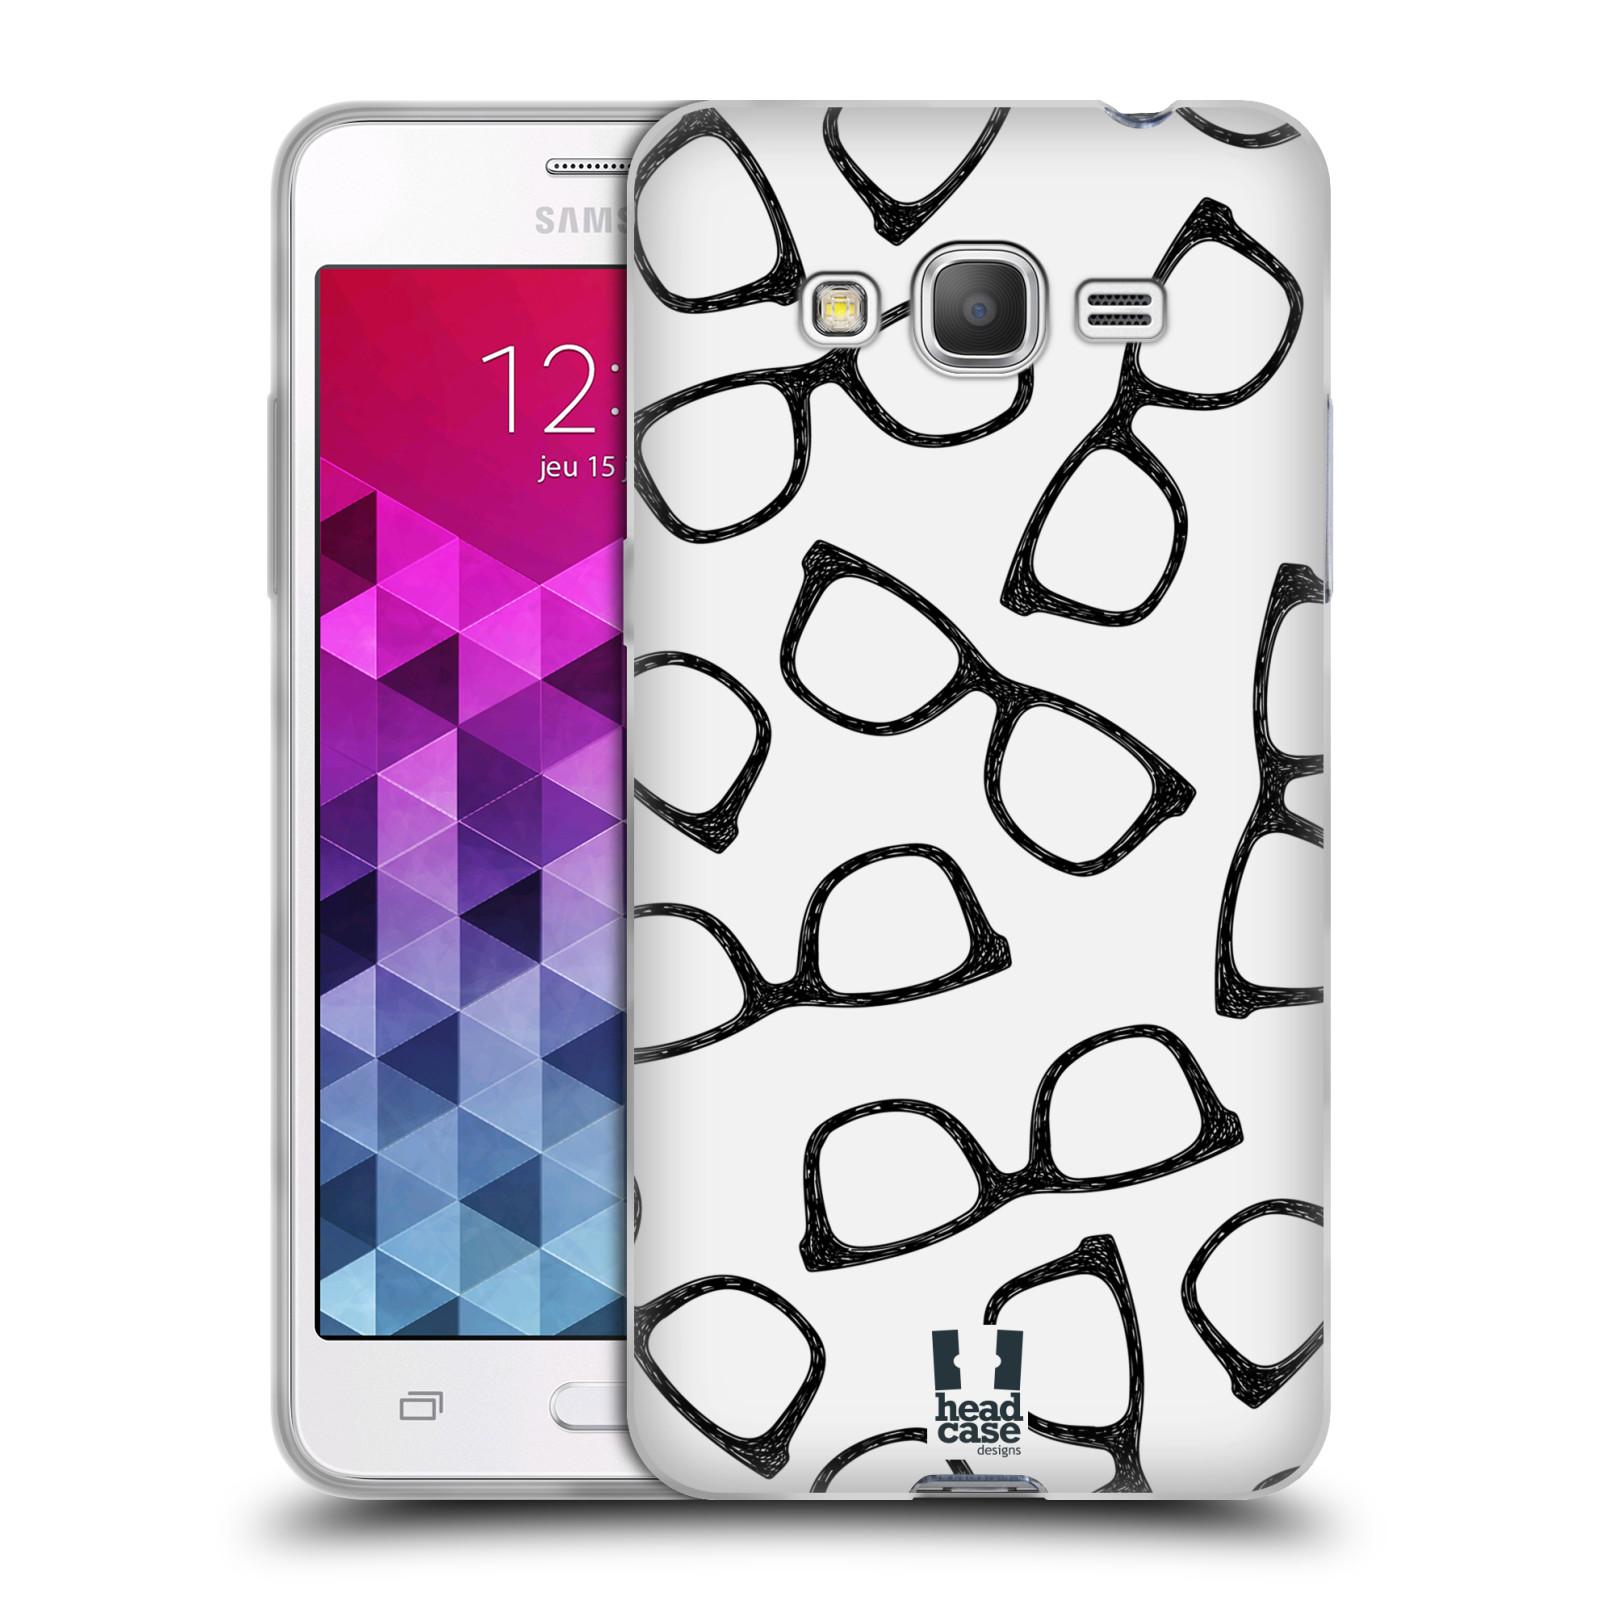 Silikonové pouzdro na mobil Samsung Galaxy Grand Prime HEAD CASE HIPSTER BRÝLE